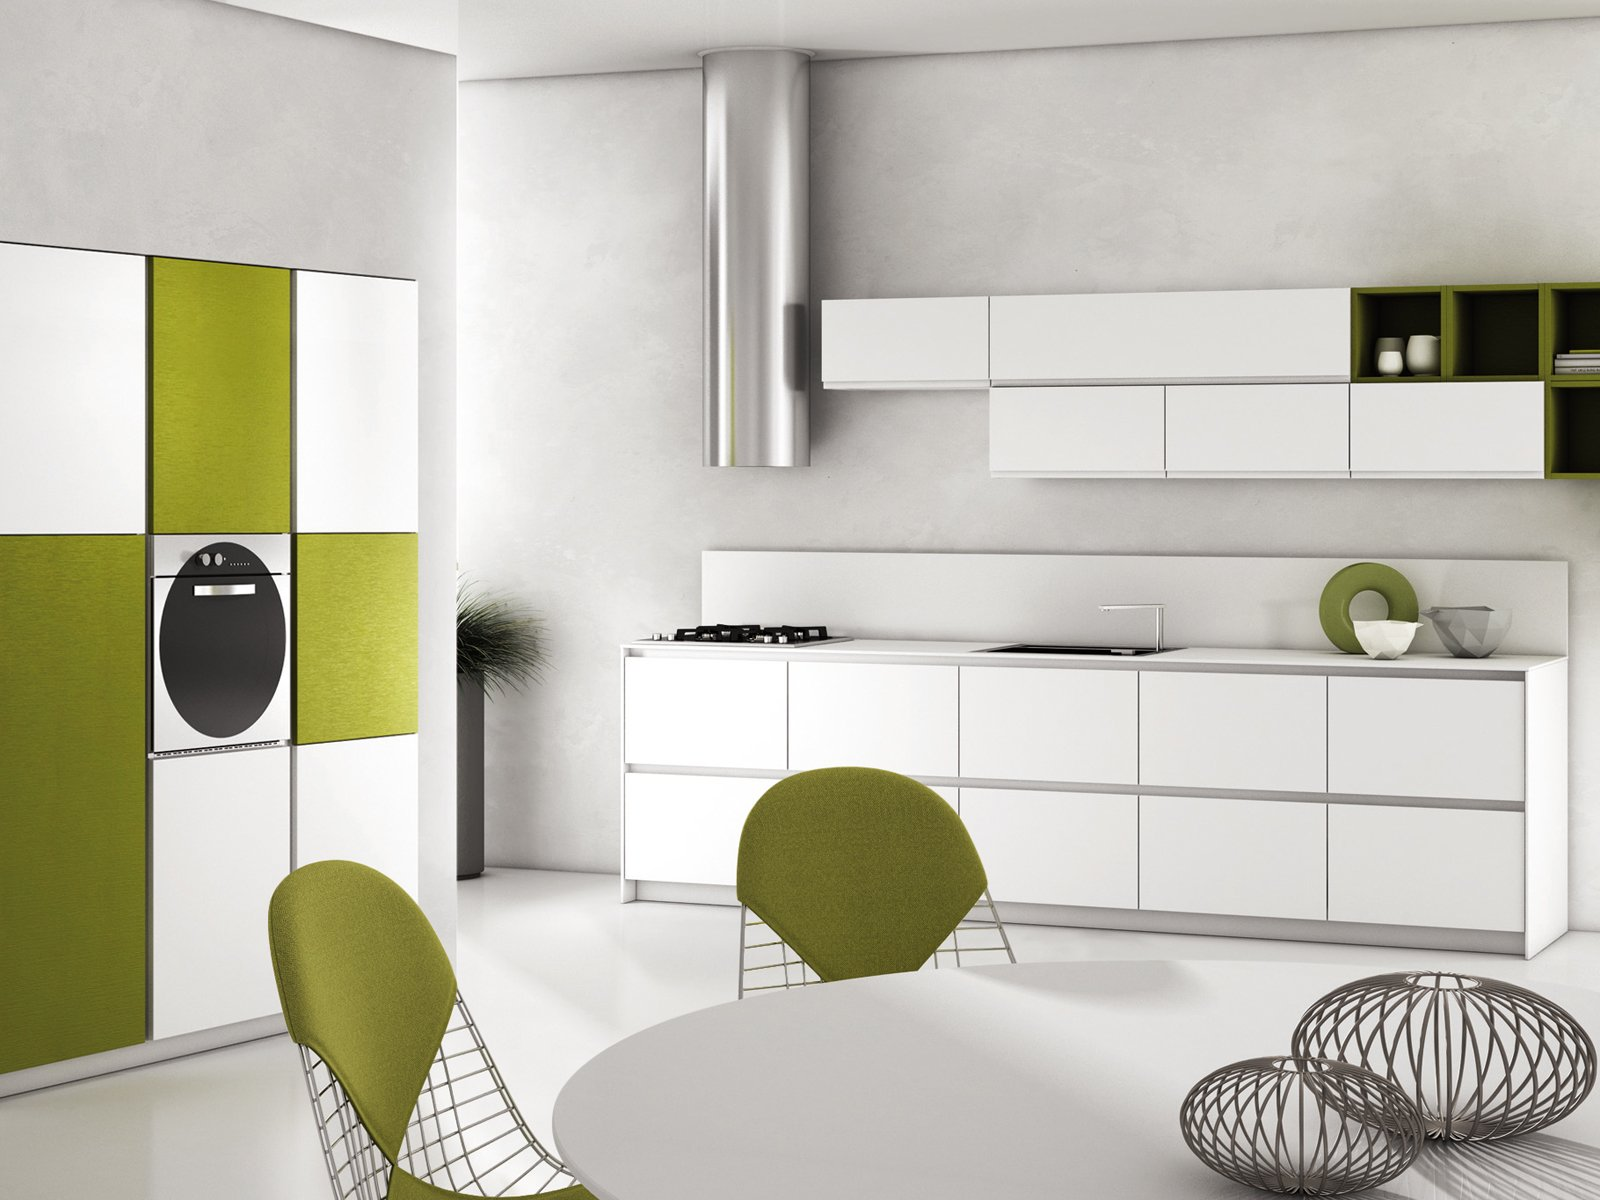 La cucina in soggiorno cose di casa - Colorare pareti cucina ...